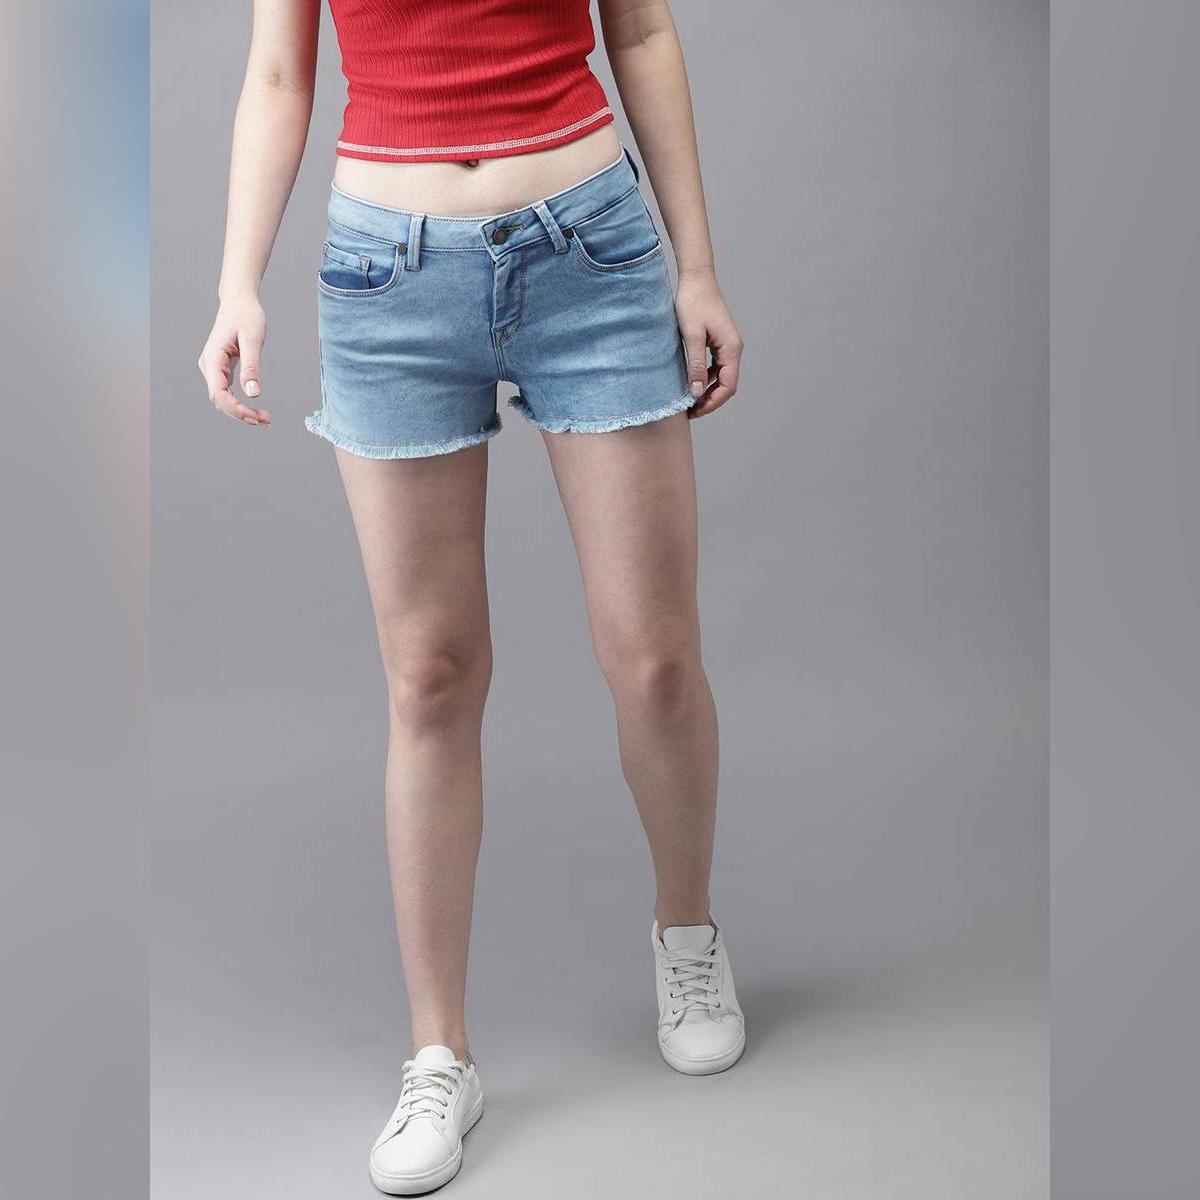 Ice Blue Denim Shorts For Women. SIS-44